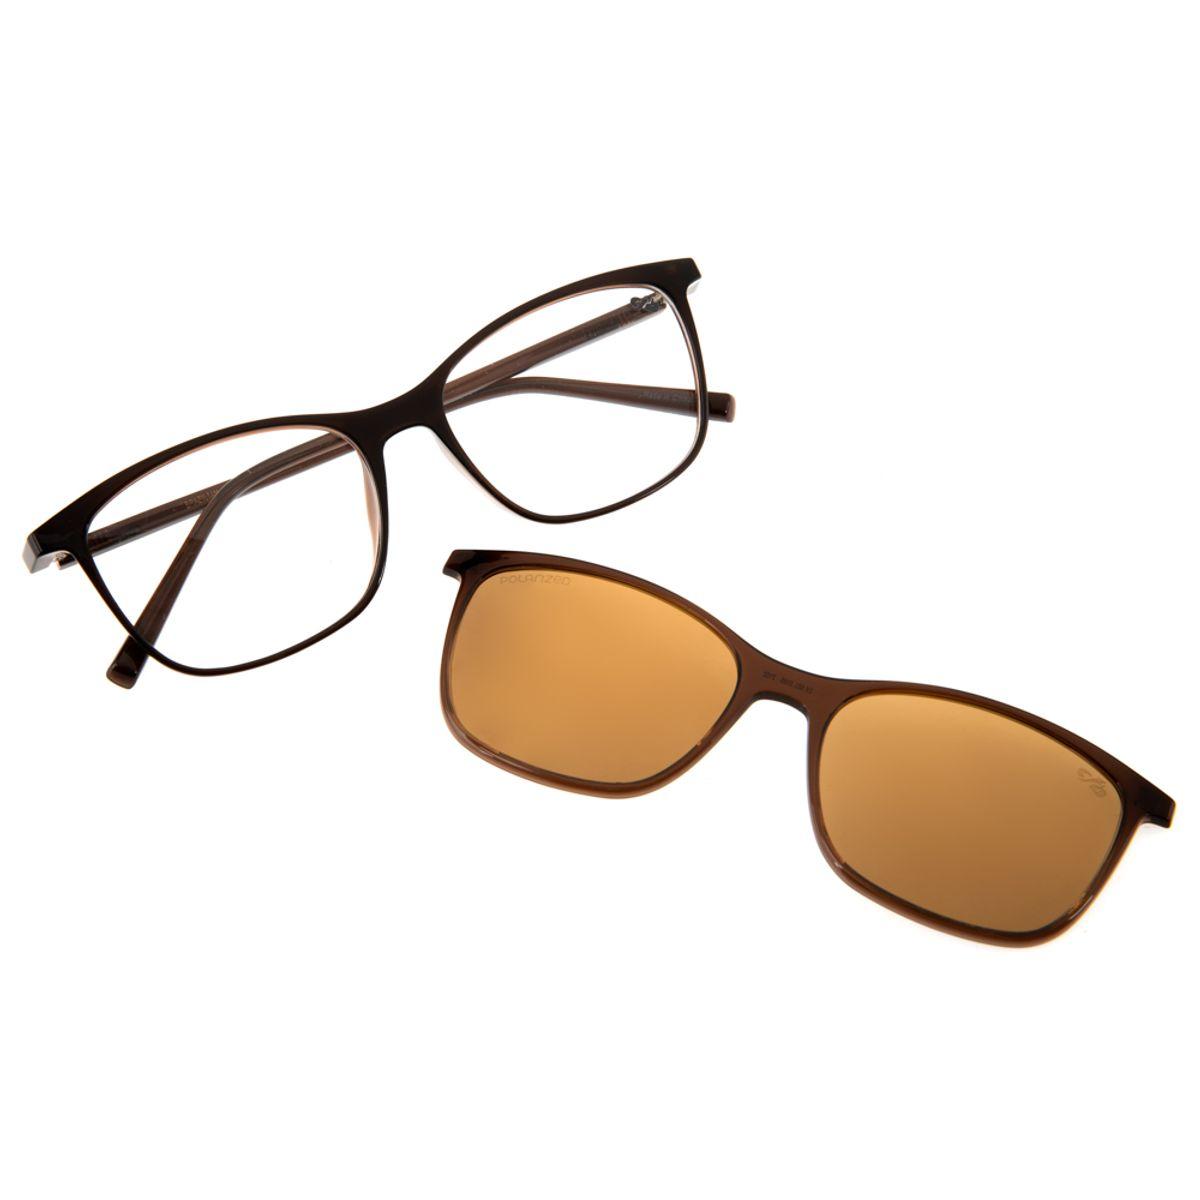 e0ce78179 Armação para Óculos de Grau Feminino Chilli Beans Multi 2 em 1 ...